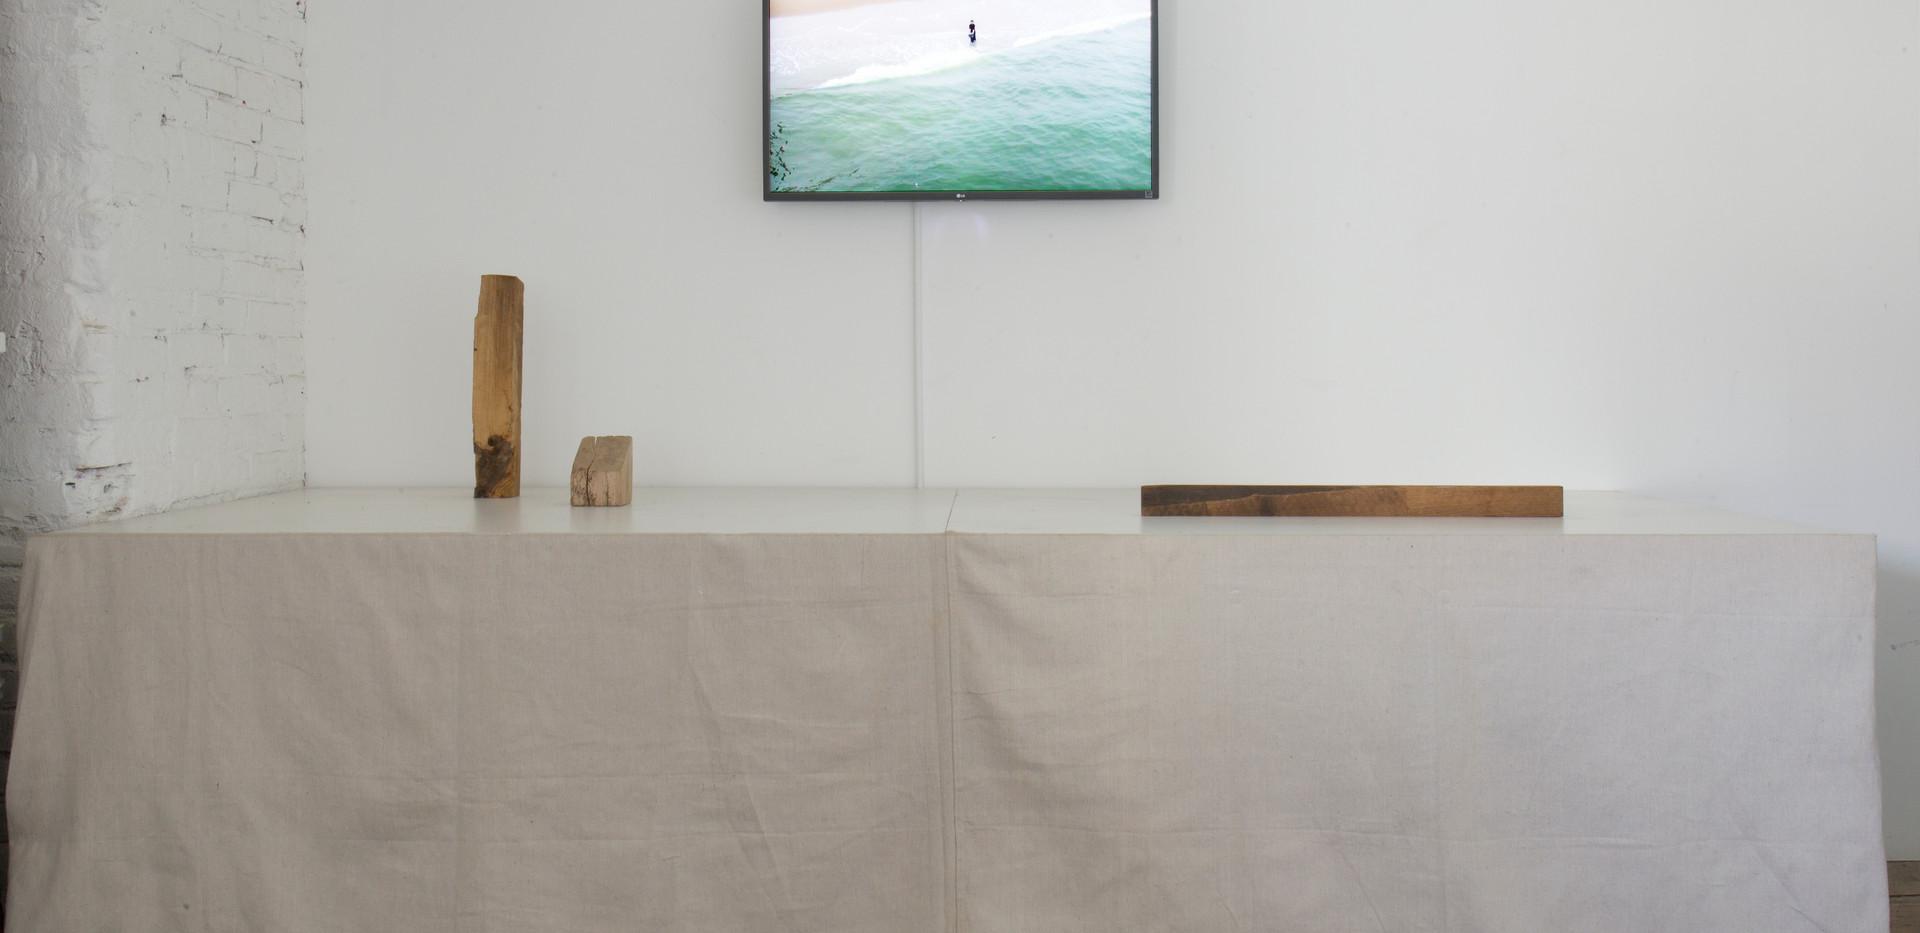 installation view3